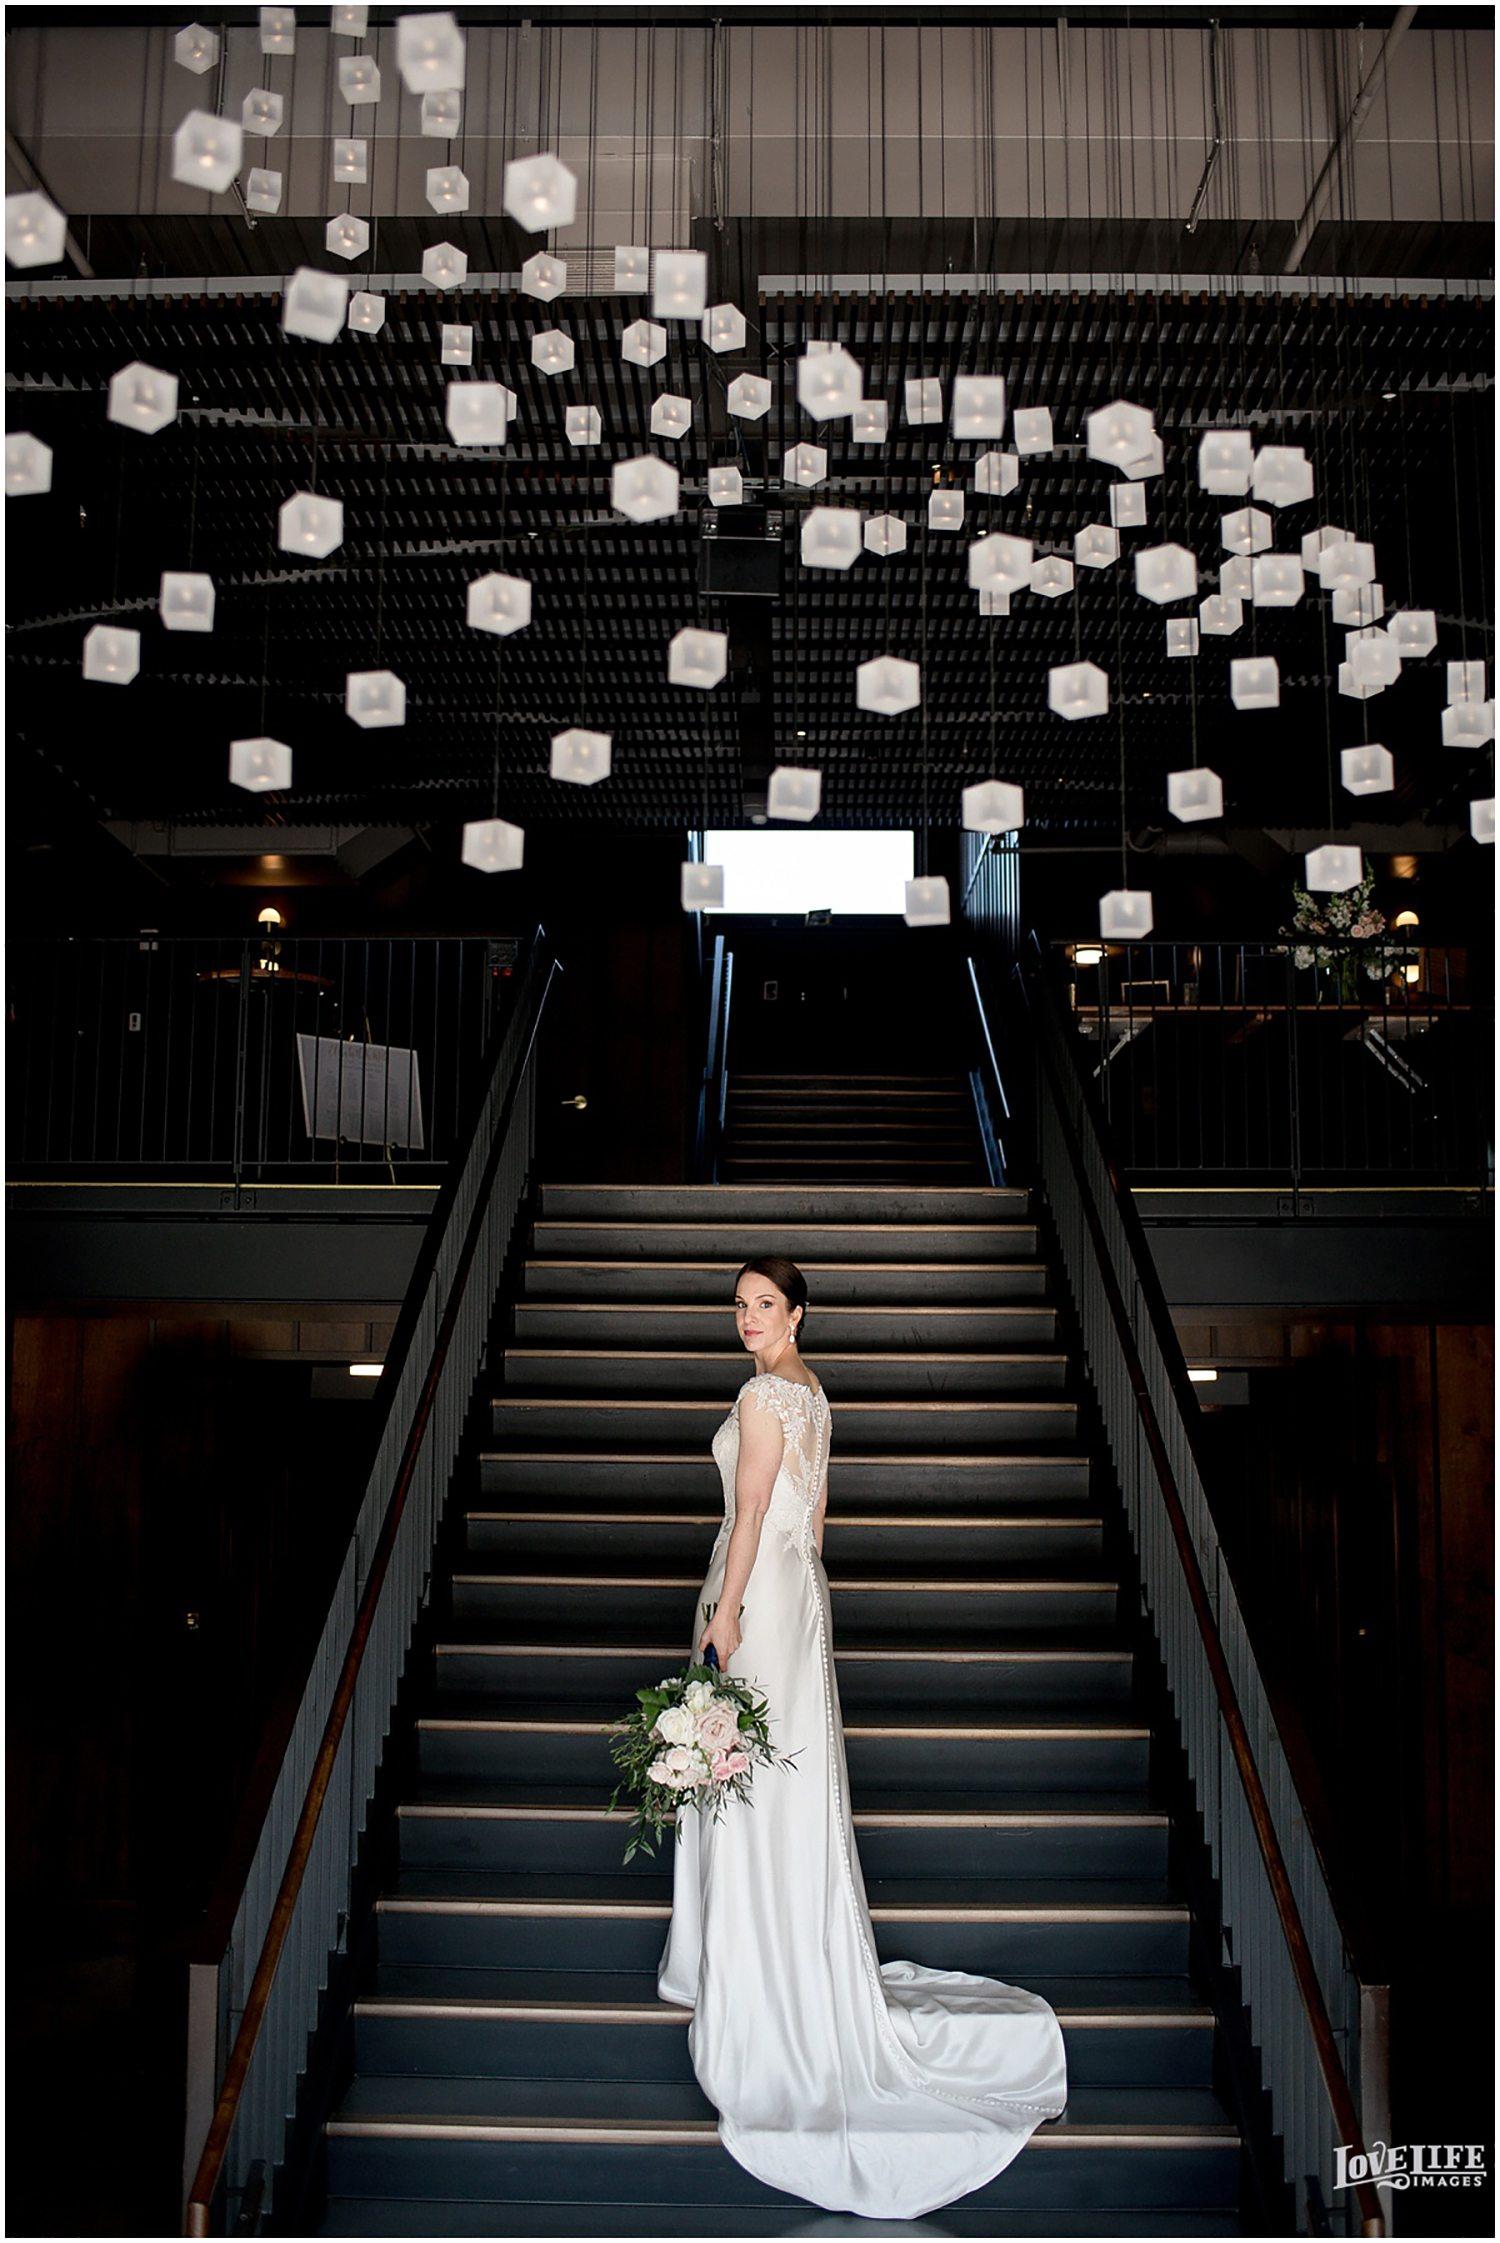 Gallery-Bride-Staircase.jpg